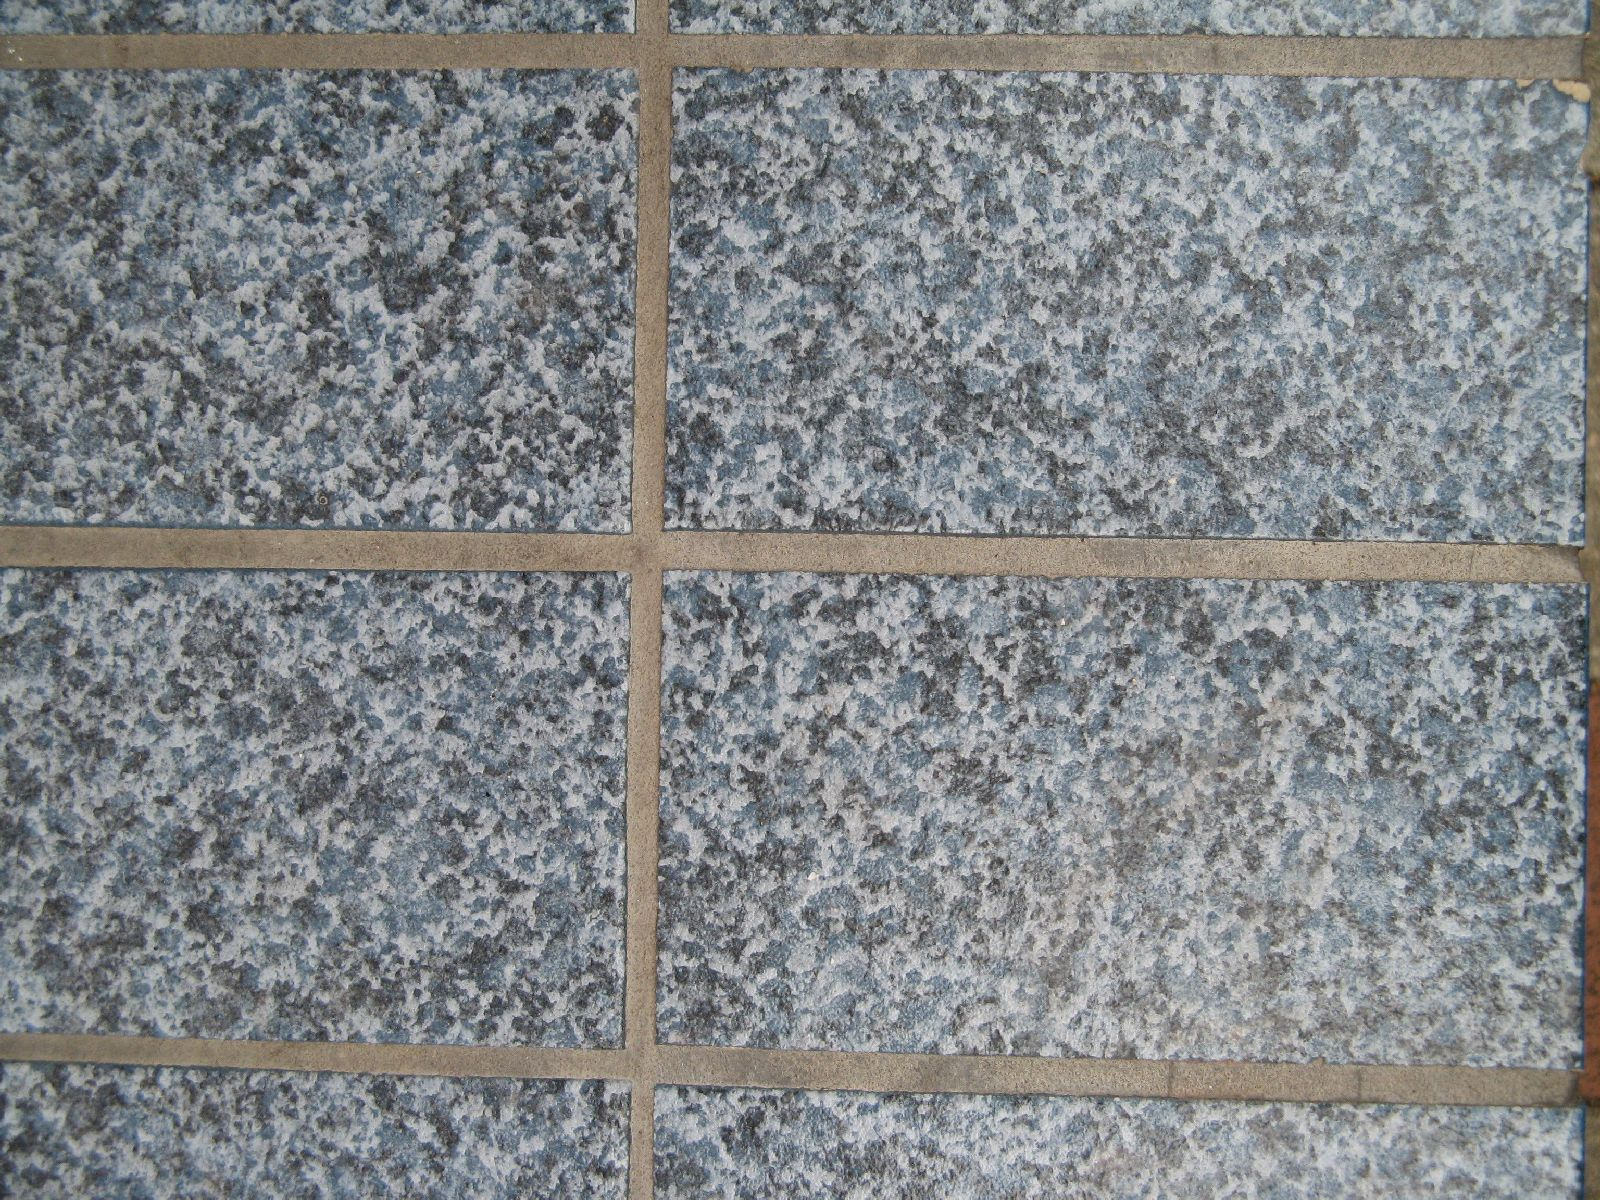 Wand-Steinbloecke-Quader_Textur_B_0908